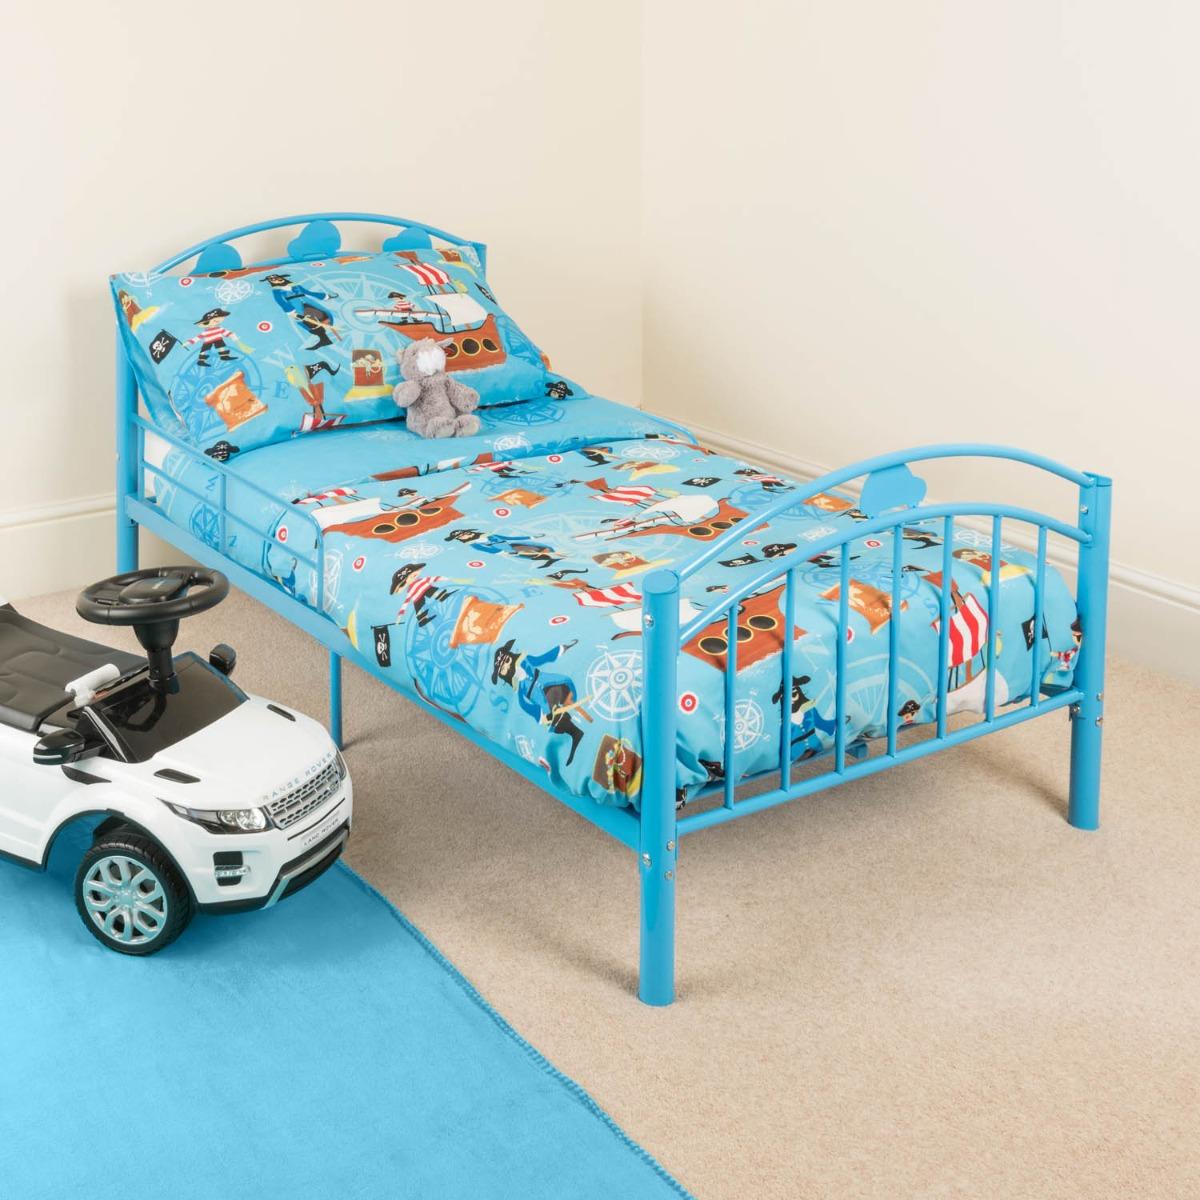 Image of Blue Metal Toddler Bed Frame